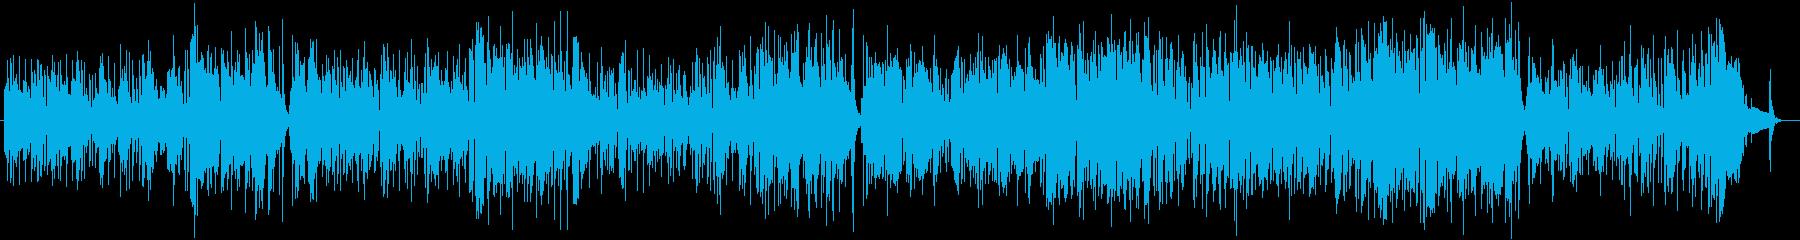 スネアのリズムがオシャレなポップスの再生済みの波形